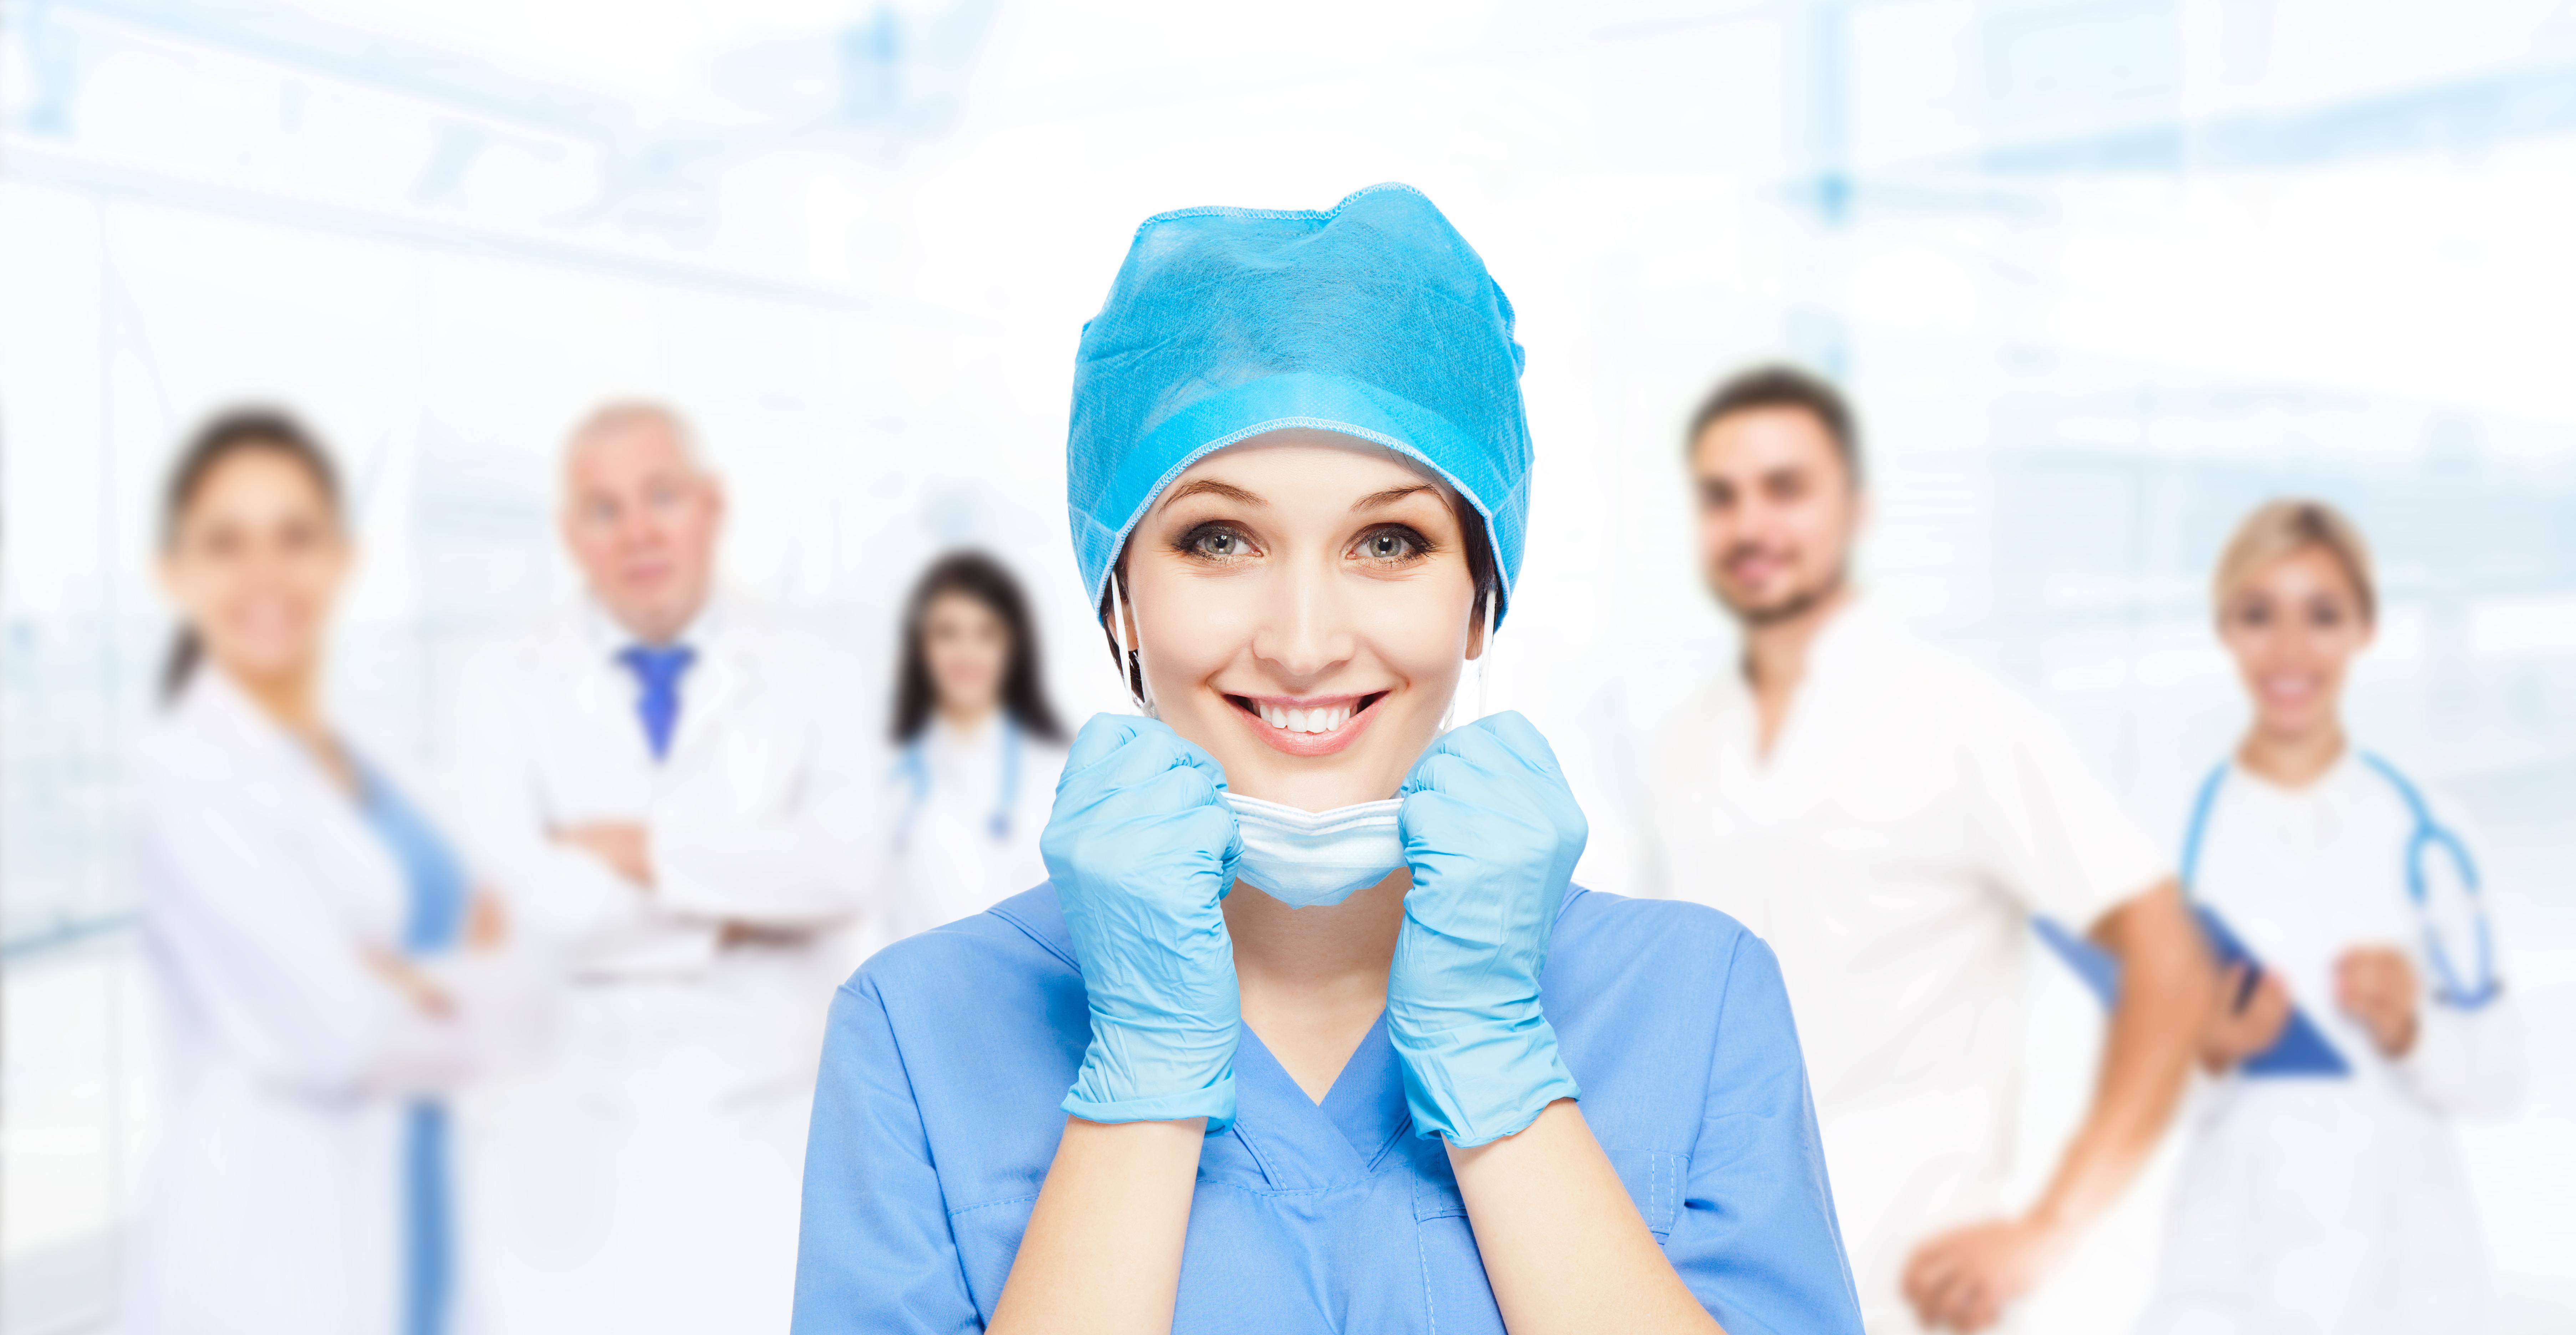 Защита здоровья на случай хирургического вмешательства и стационарного лечения в медицинском учреждении